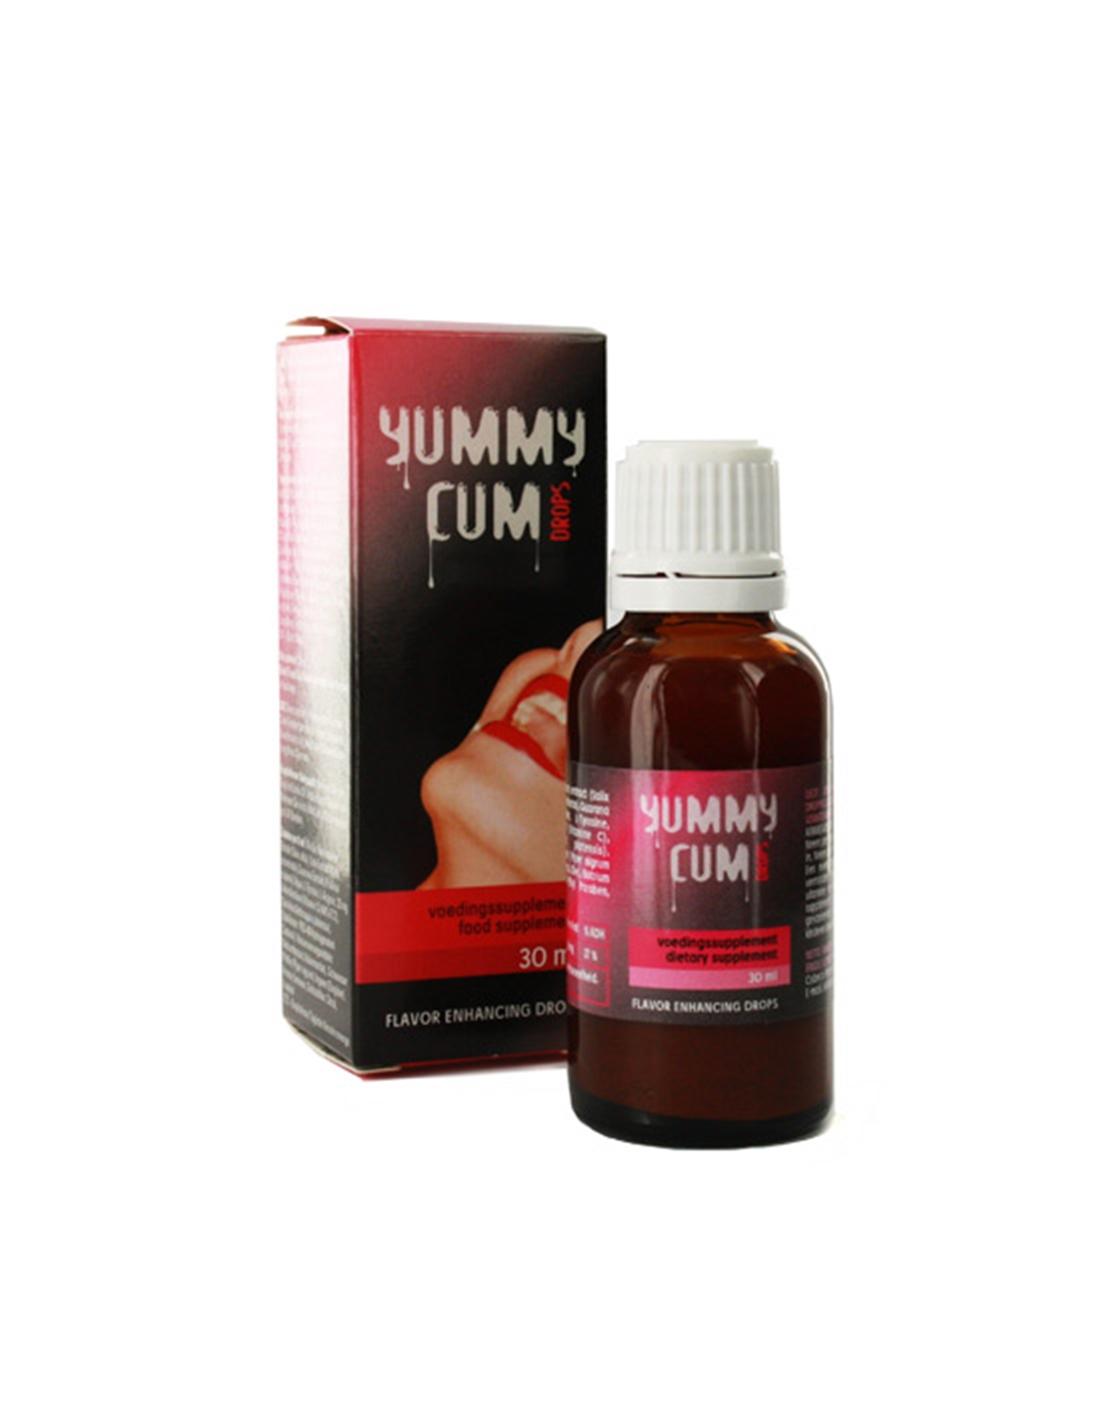 Gotas Yummy Cum - 30ml - PR2010316208